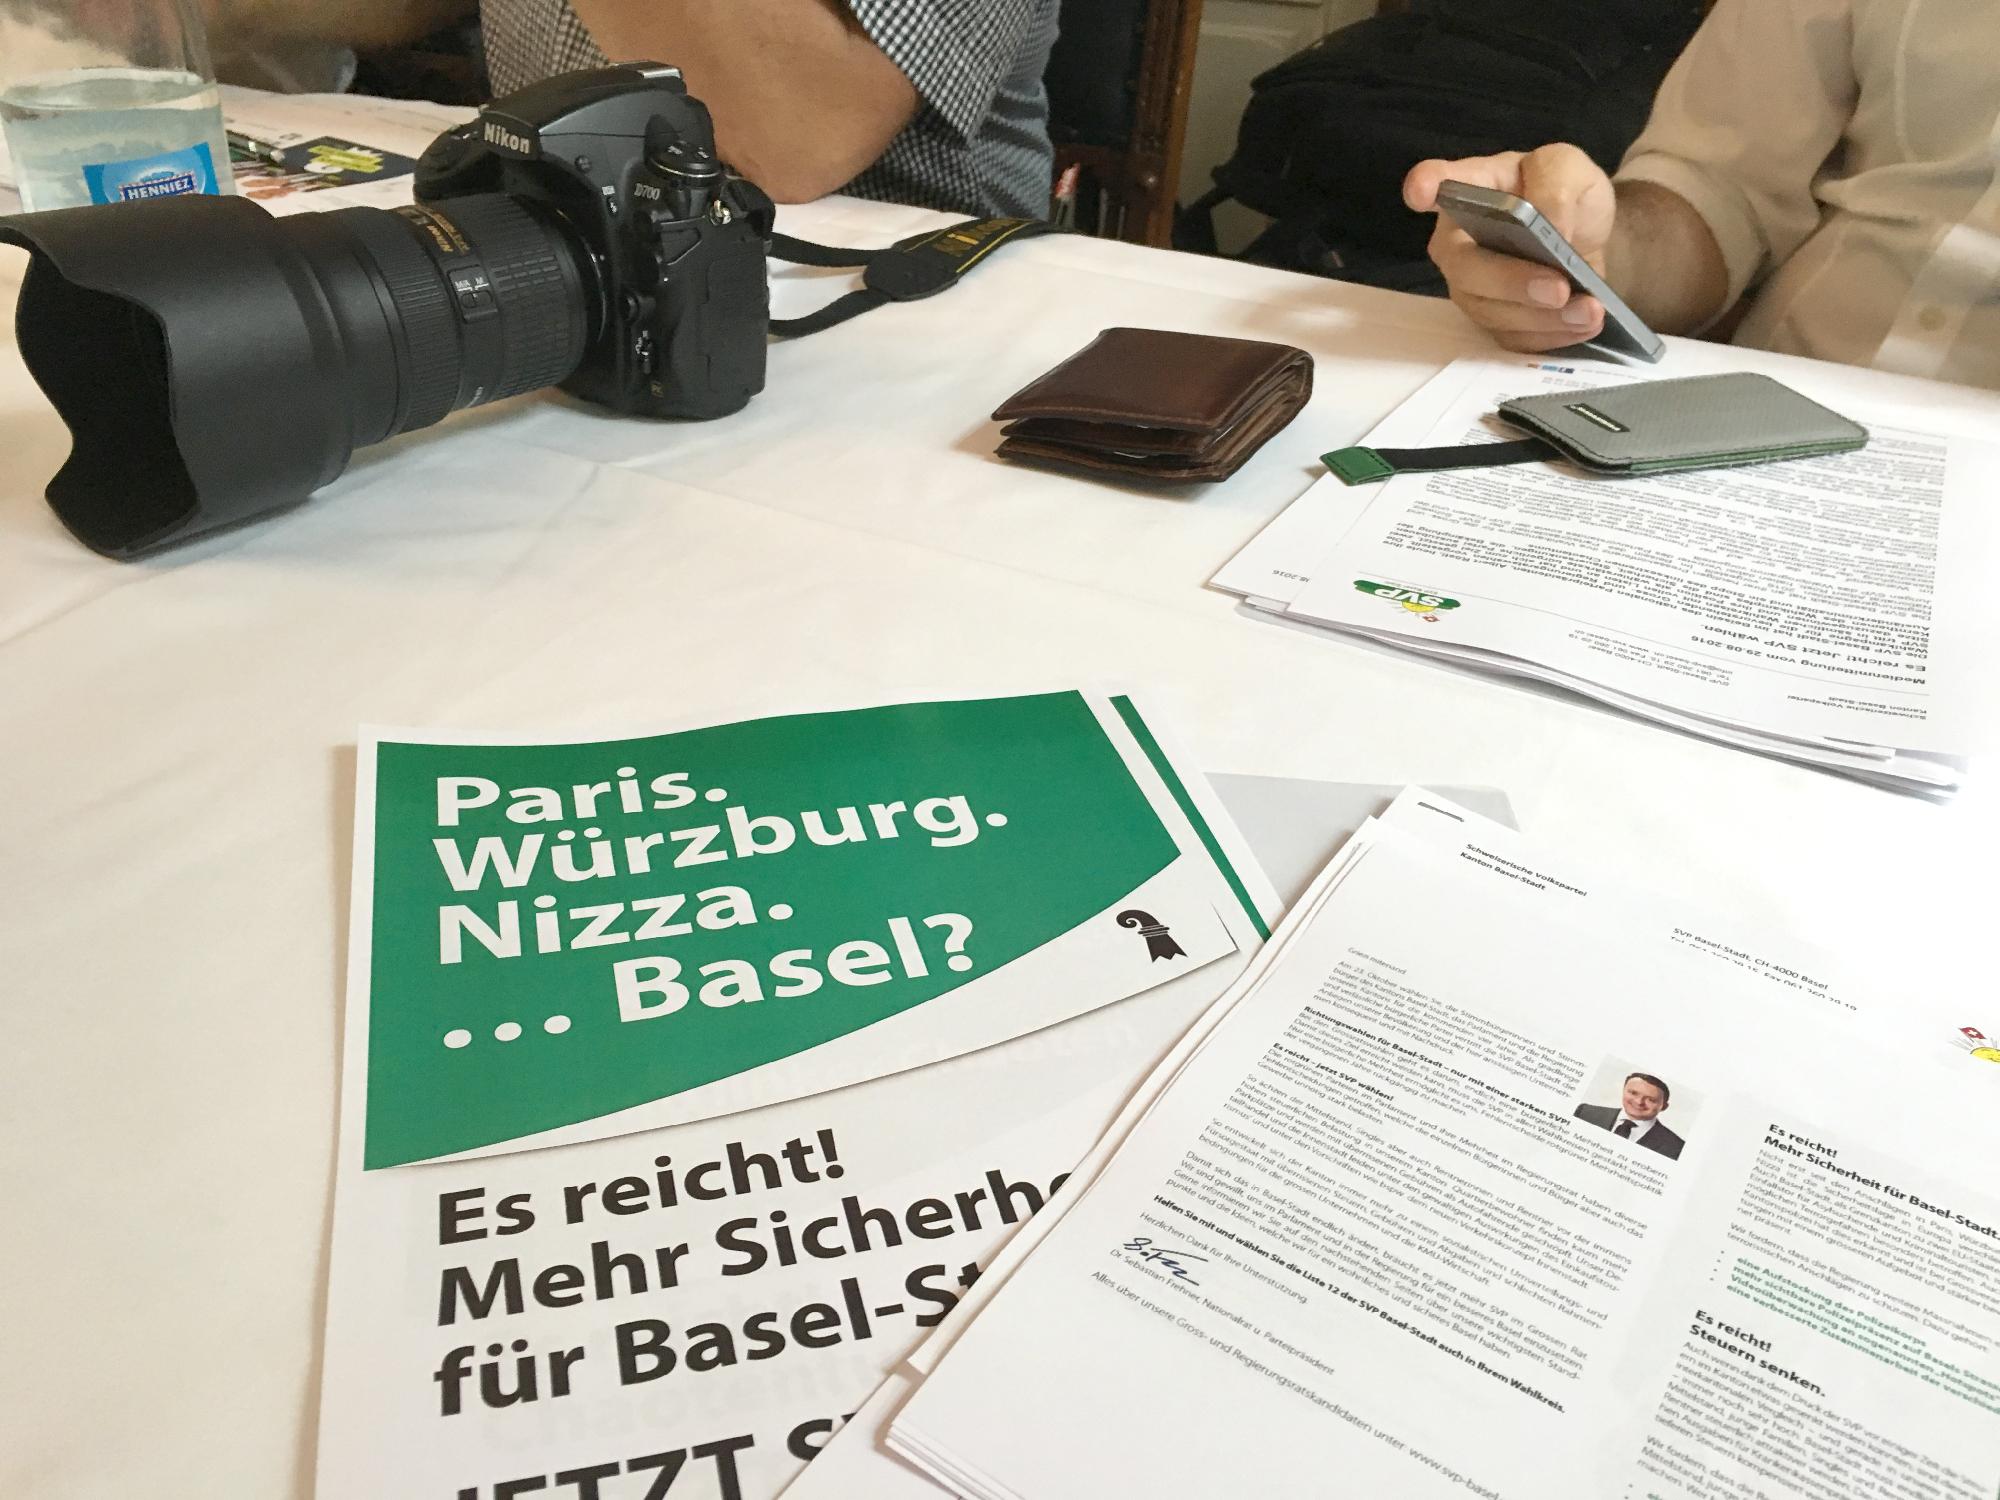 Paris, Würzburg, Nizza, Basel? Die SVP Basel-Stadt suggeriert den Terror herbei.